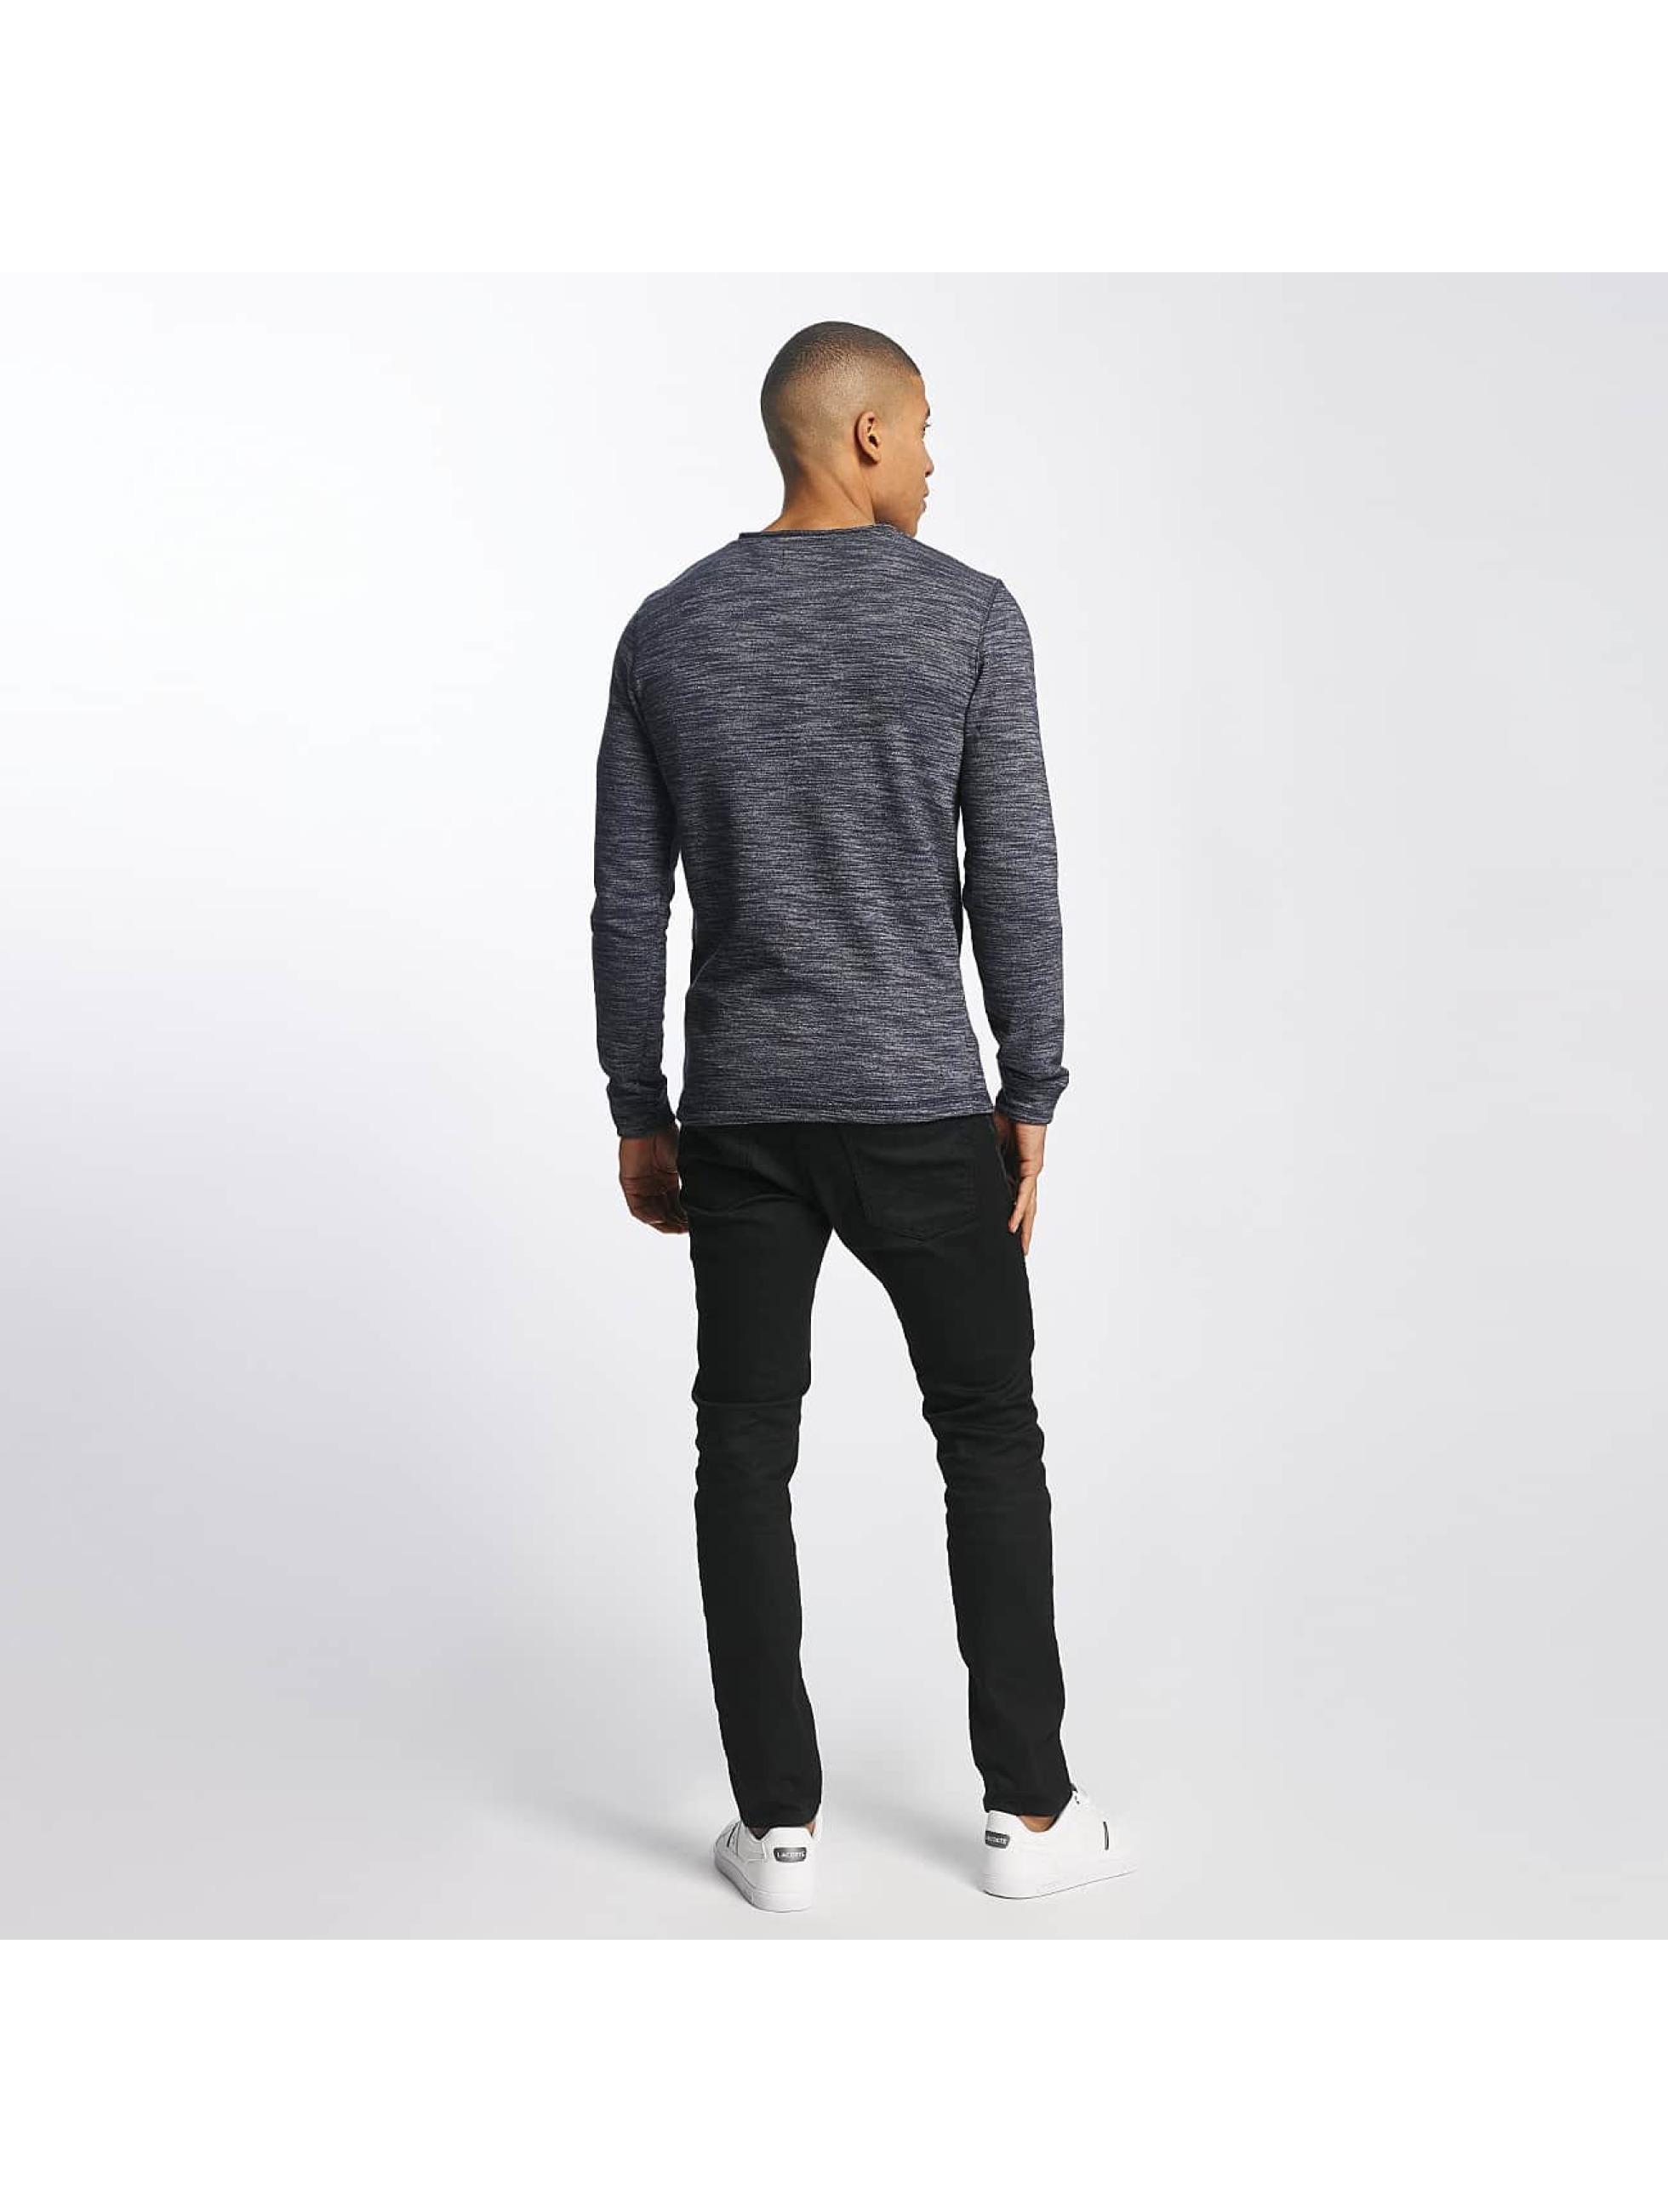 SHINE Original Swetry Malcom Pocket Inside Out niebieski